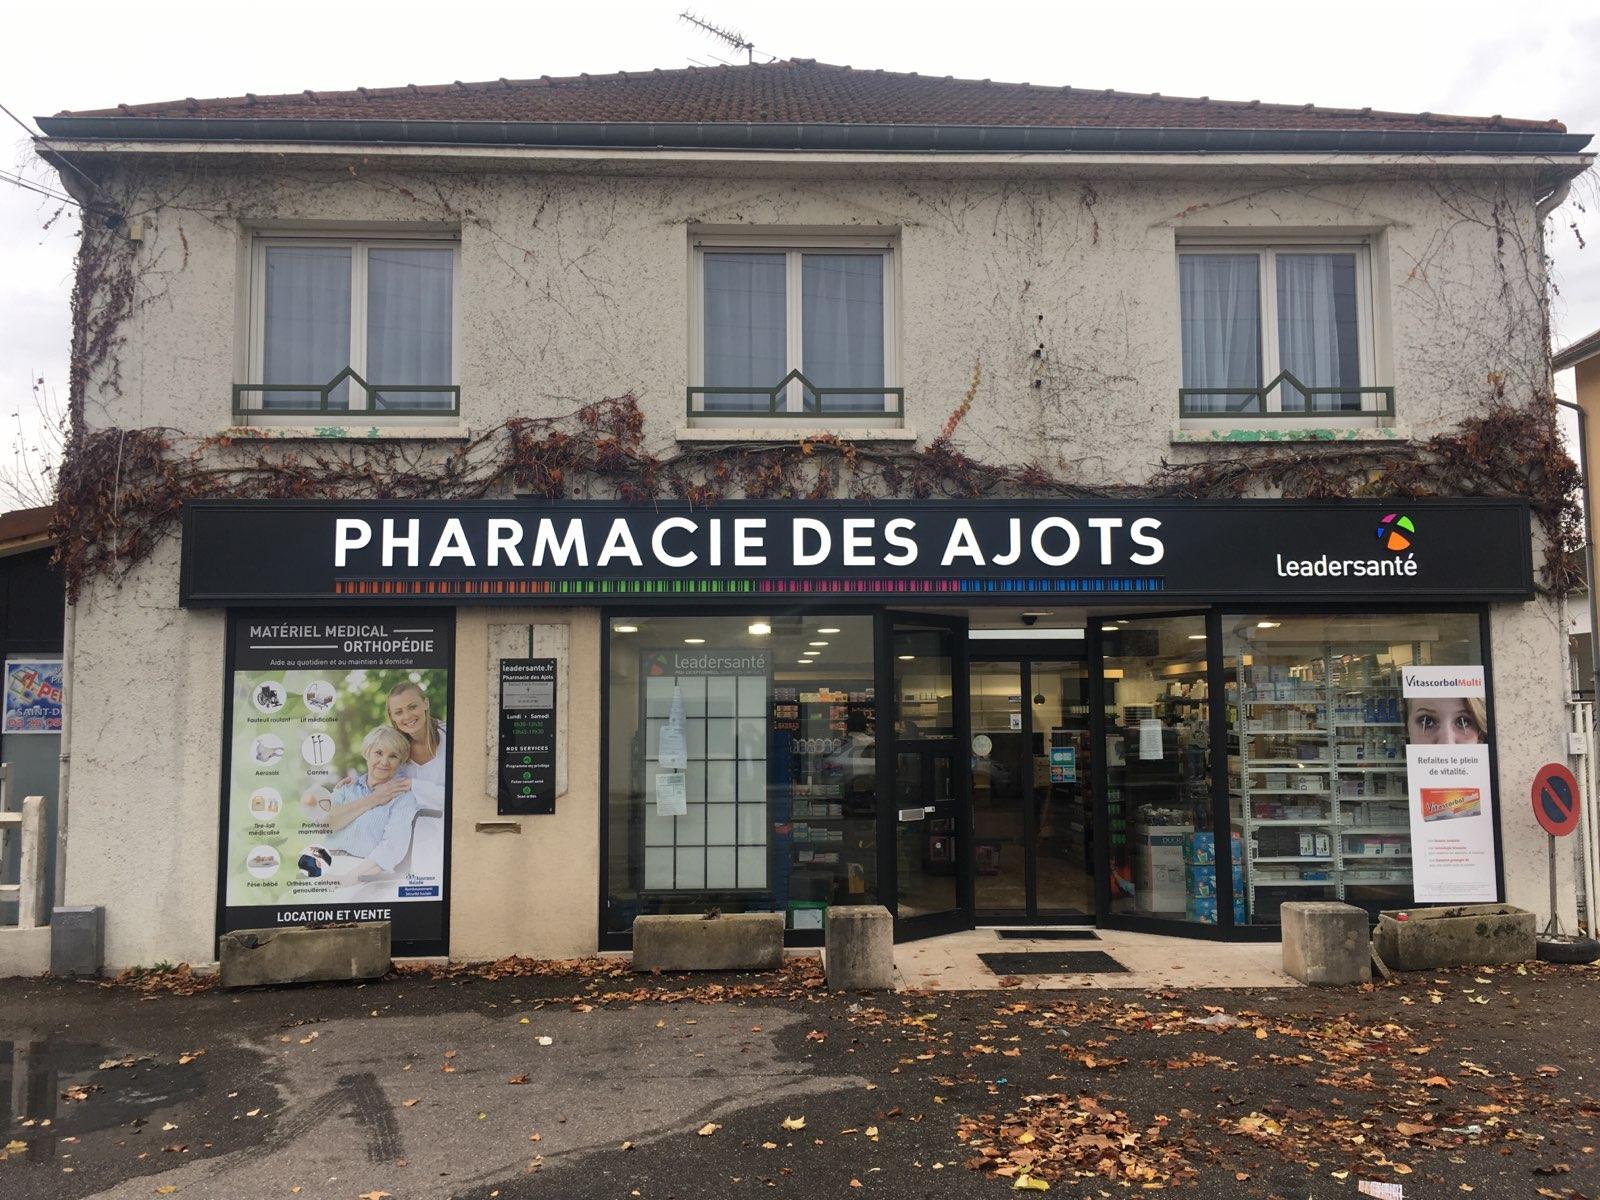 pharmacie des ajots